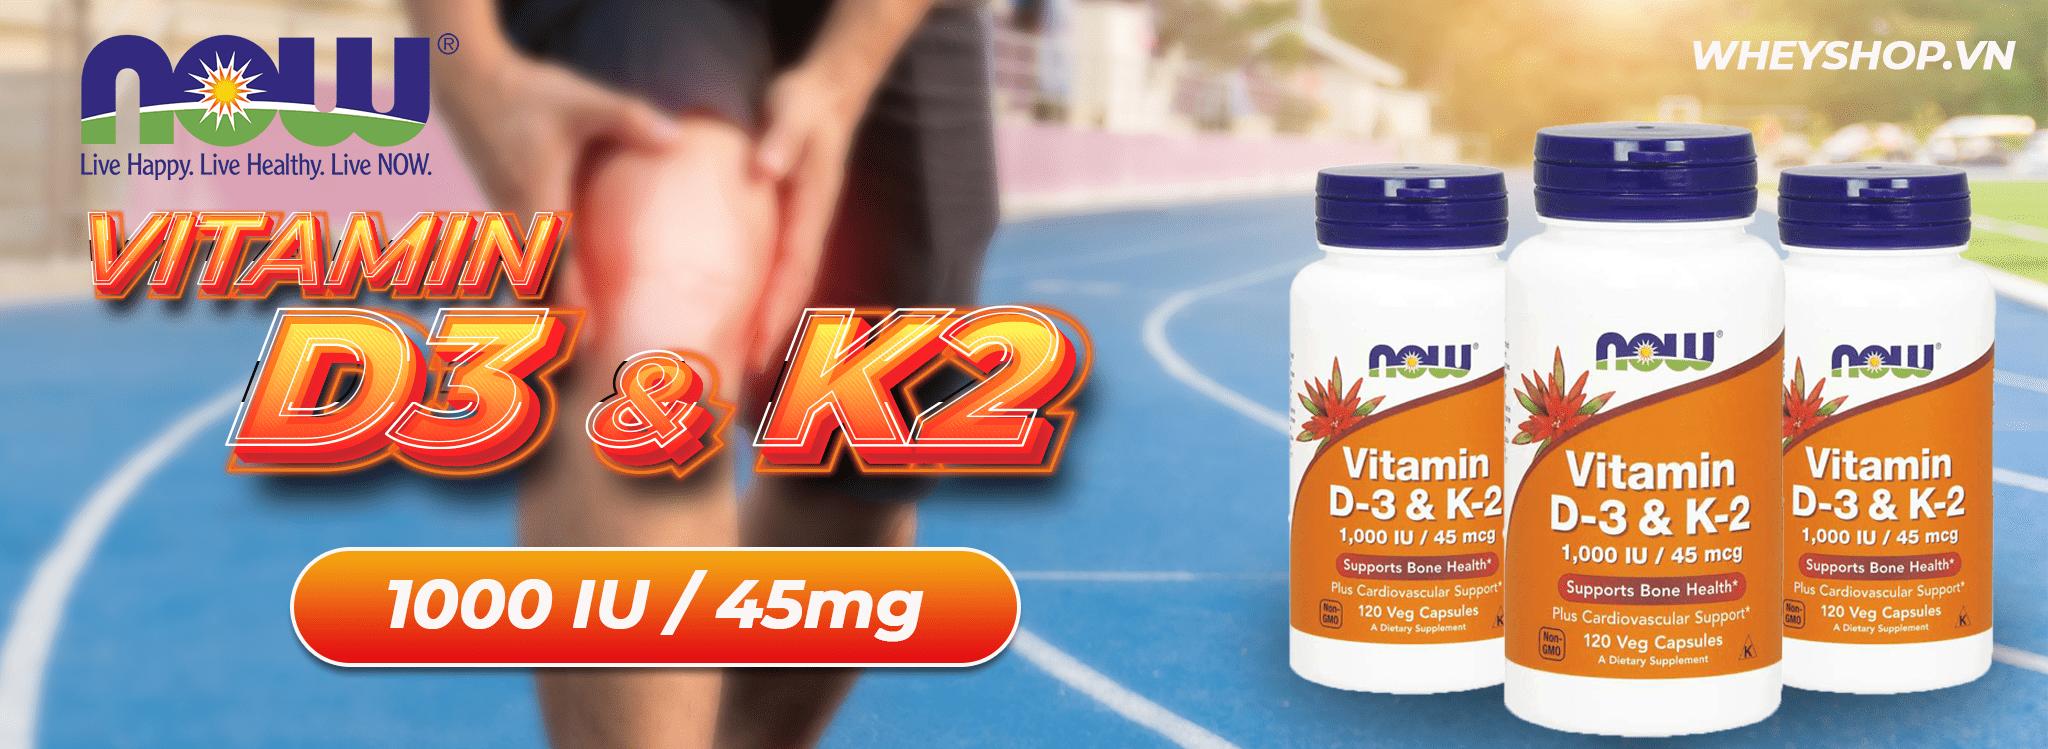 Now Vitamin D3 K2 là sự kết hợp hoàn hảo hỗ trợ xương khớp chắc khỏe, phát triển toàn diện, bảo vệ sức khỏe tổng thể, tăng đề pháng, phòng ngừa xơ vữa động mạch